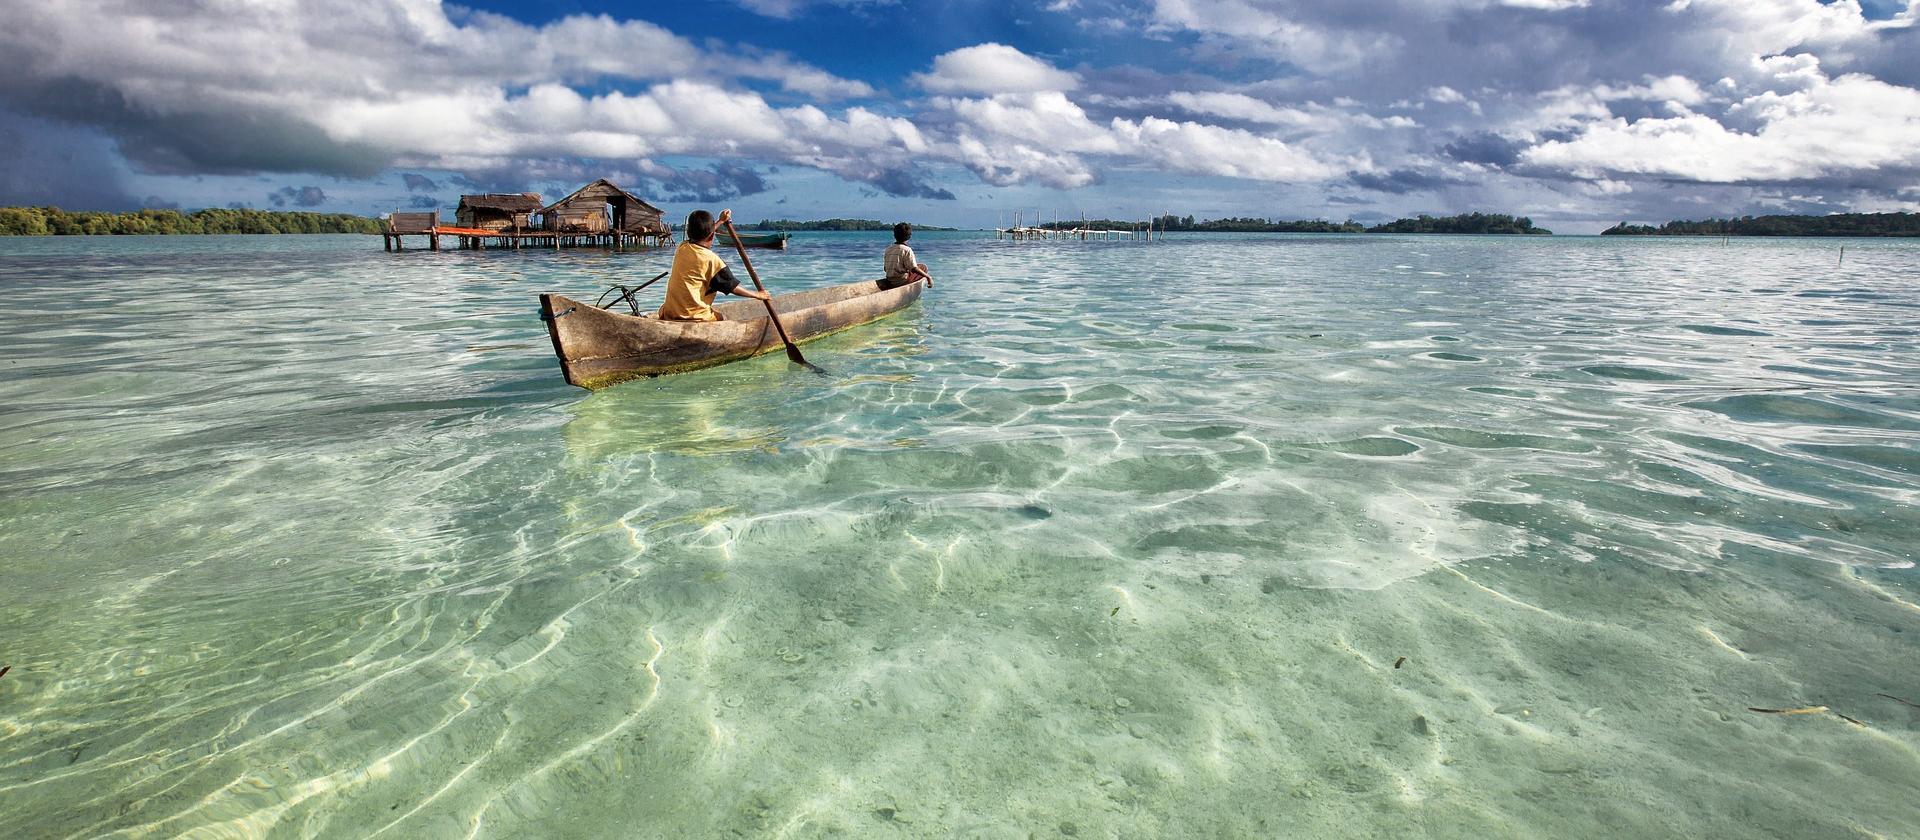 Indonézia-i utazások